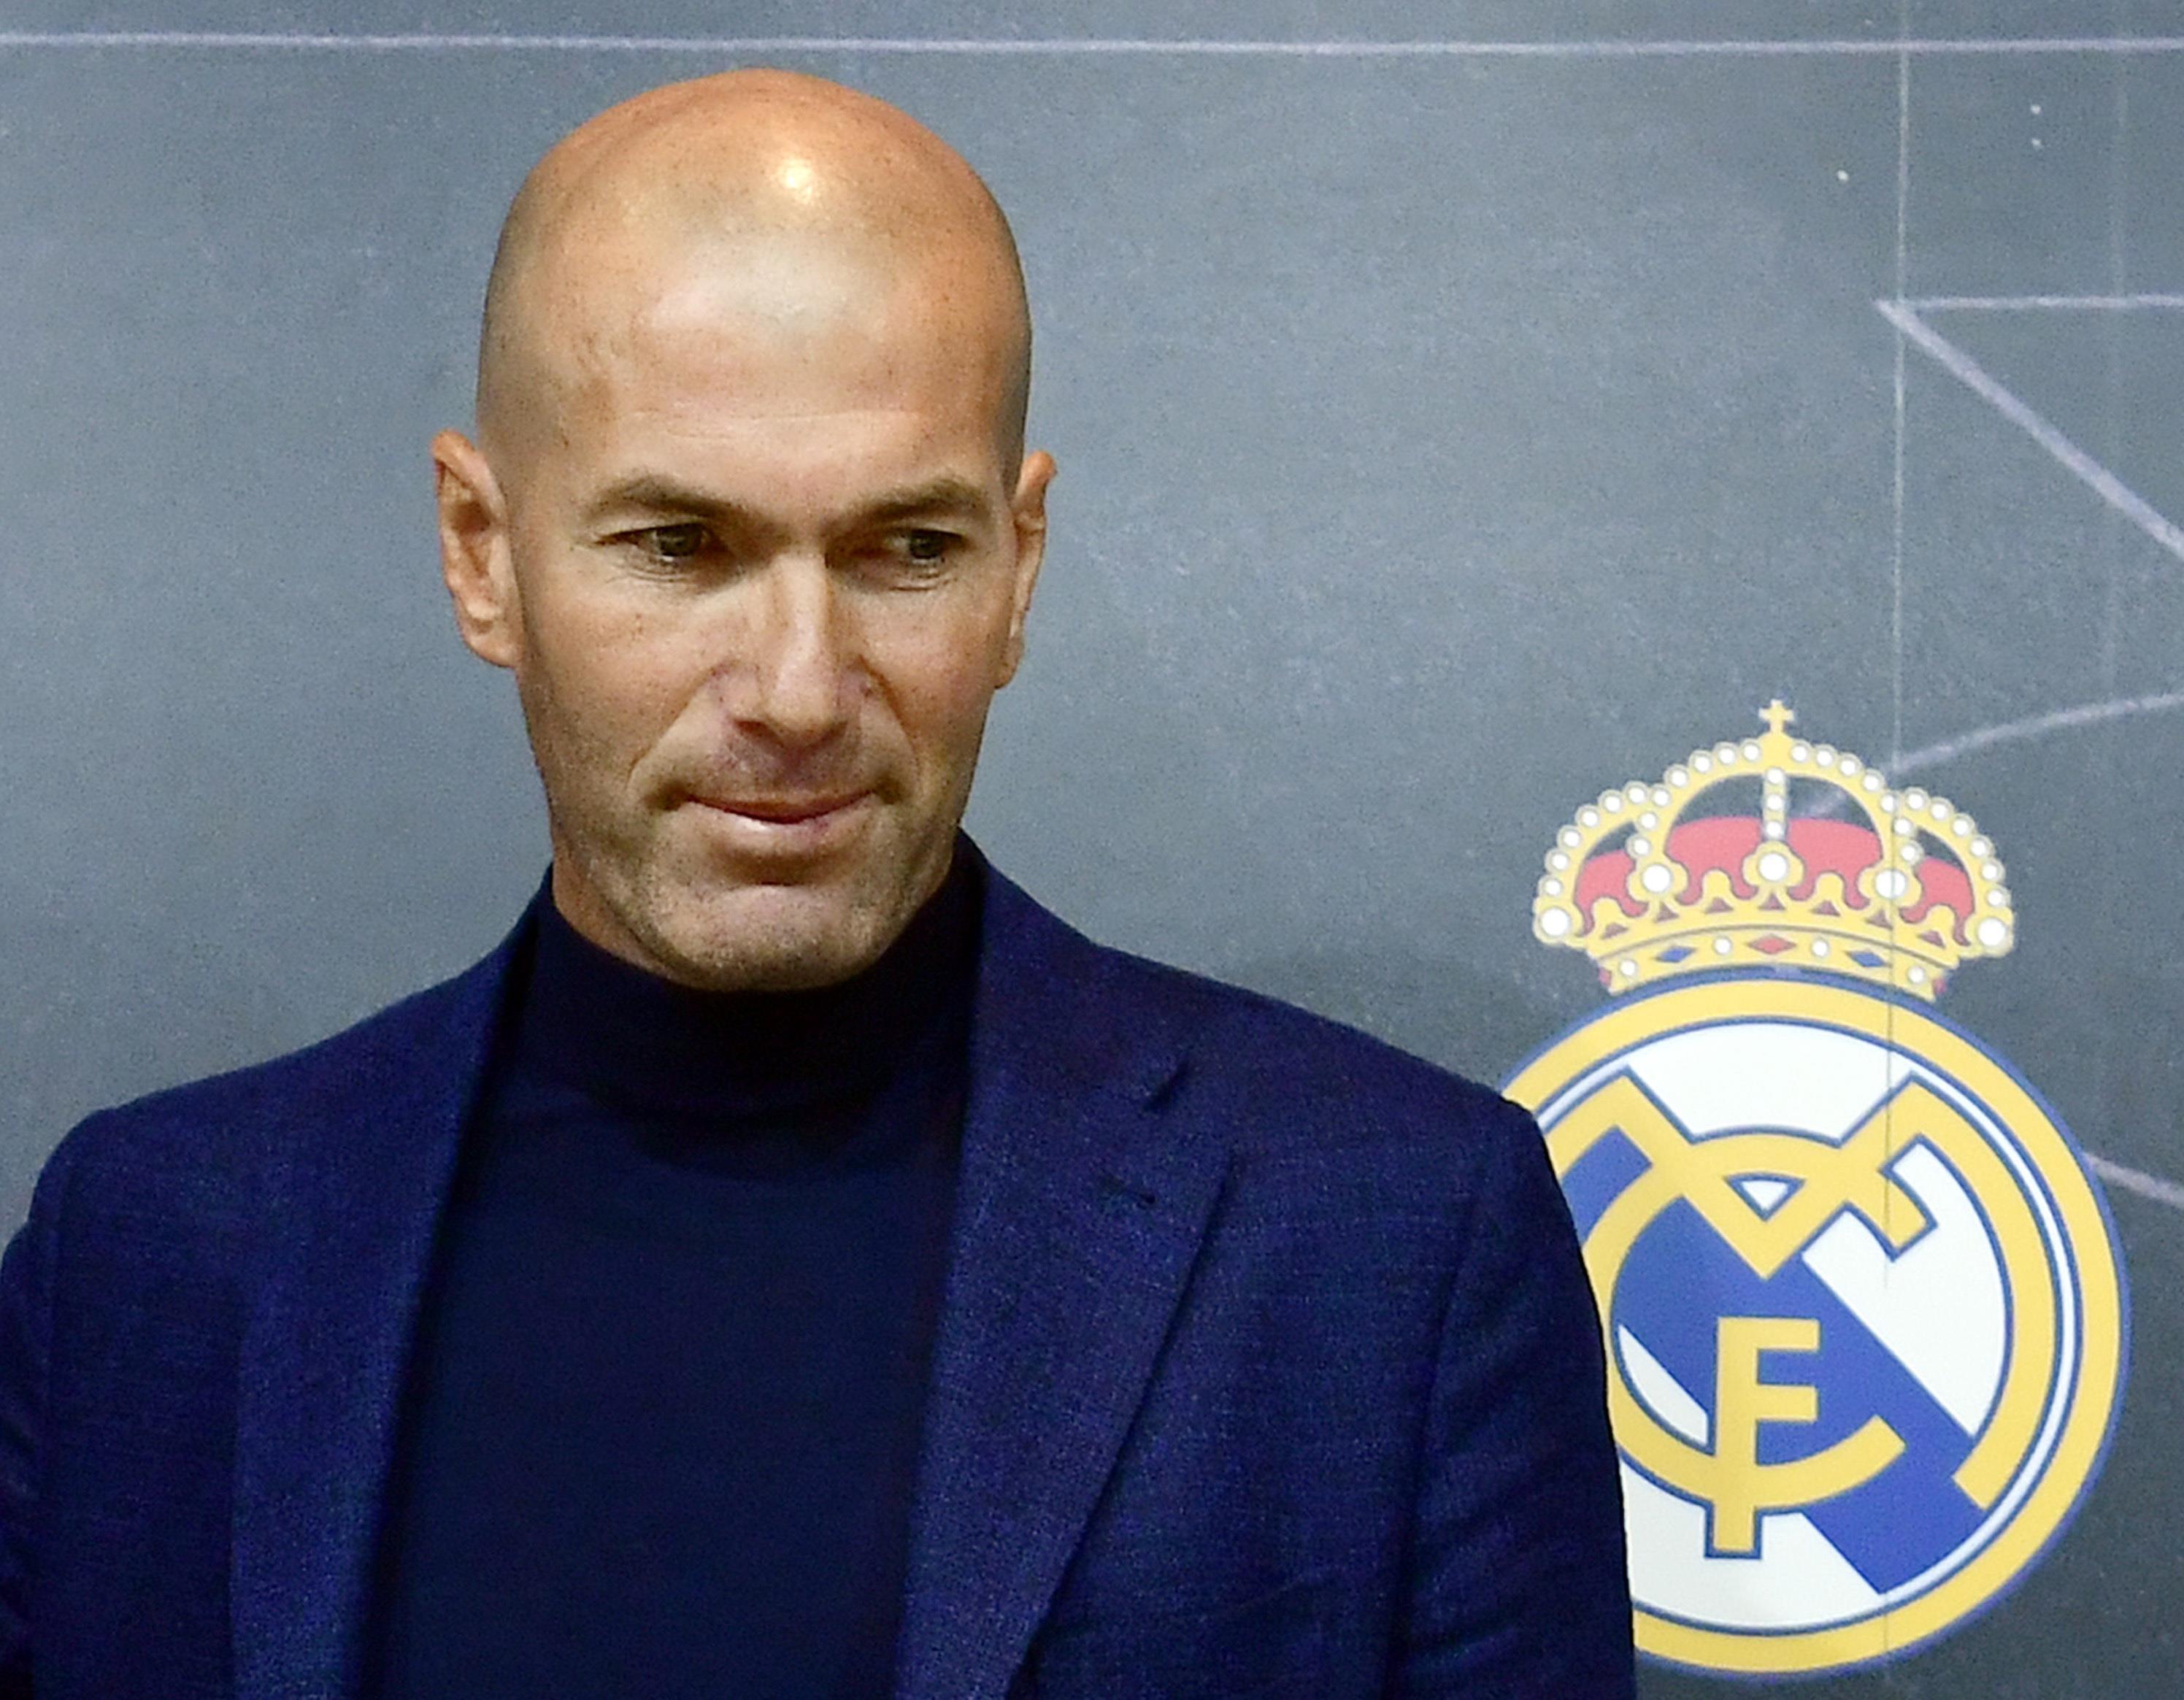 دوري أبطال أوروبا: زيدان يرفض التقليل من شأن ريال مدريد